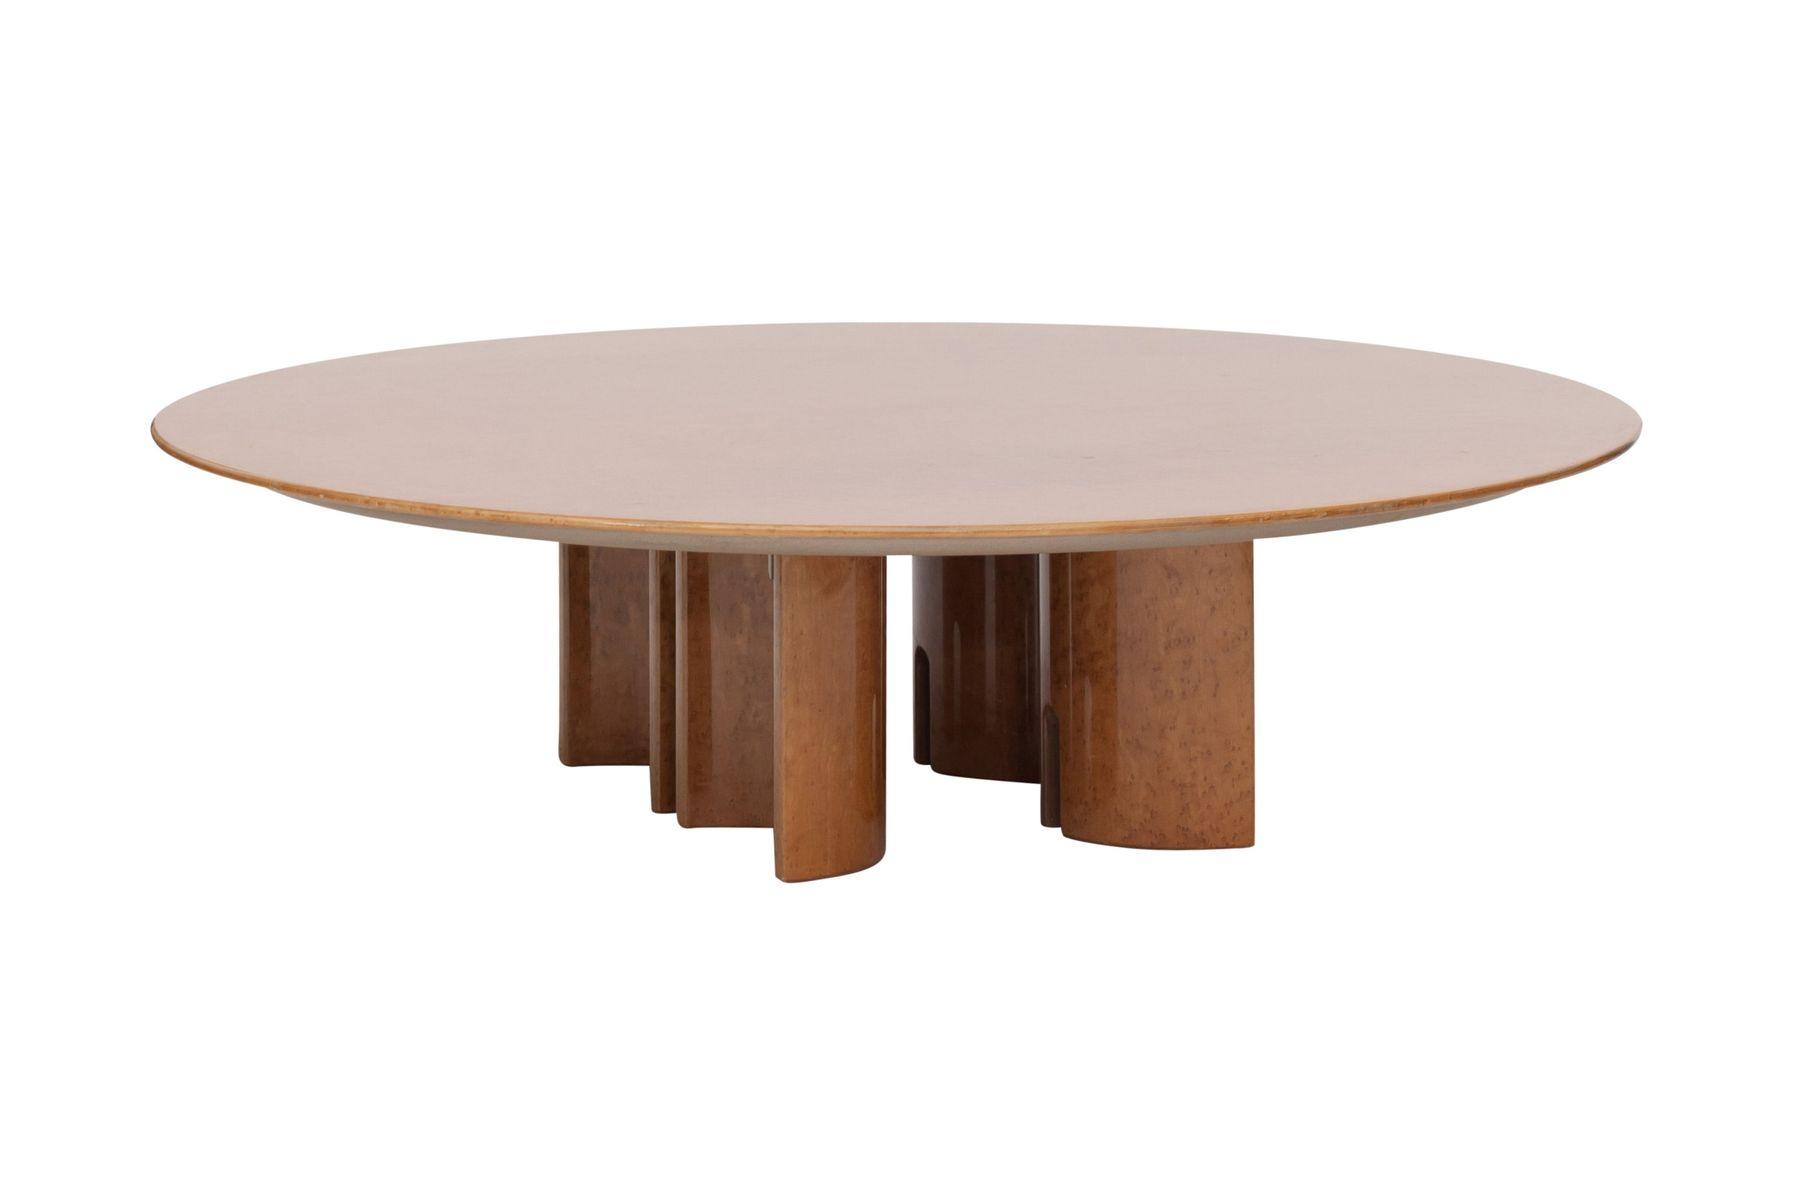 runder hochglanz wurzelholz couchtisch von giovanni offredi f r saporiti 1980er bei pamono kaufen. Black Bedroom Furniture Sets. Home Design Ideas